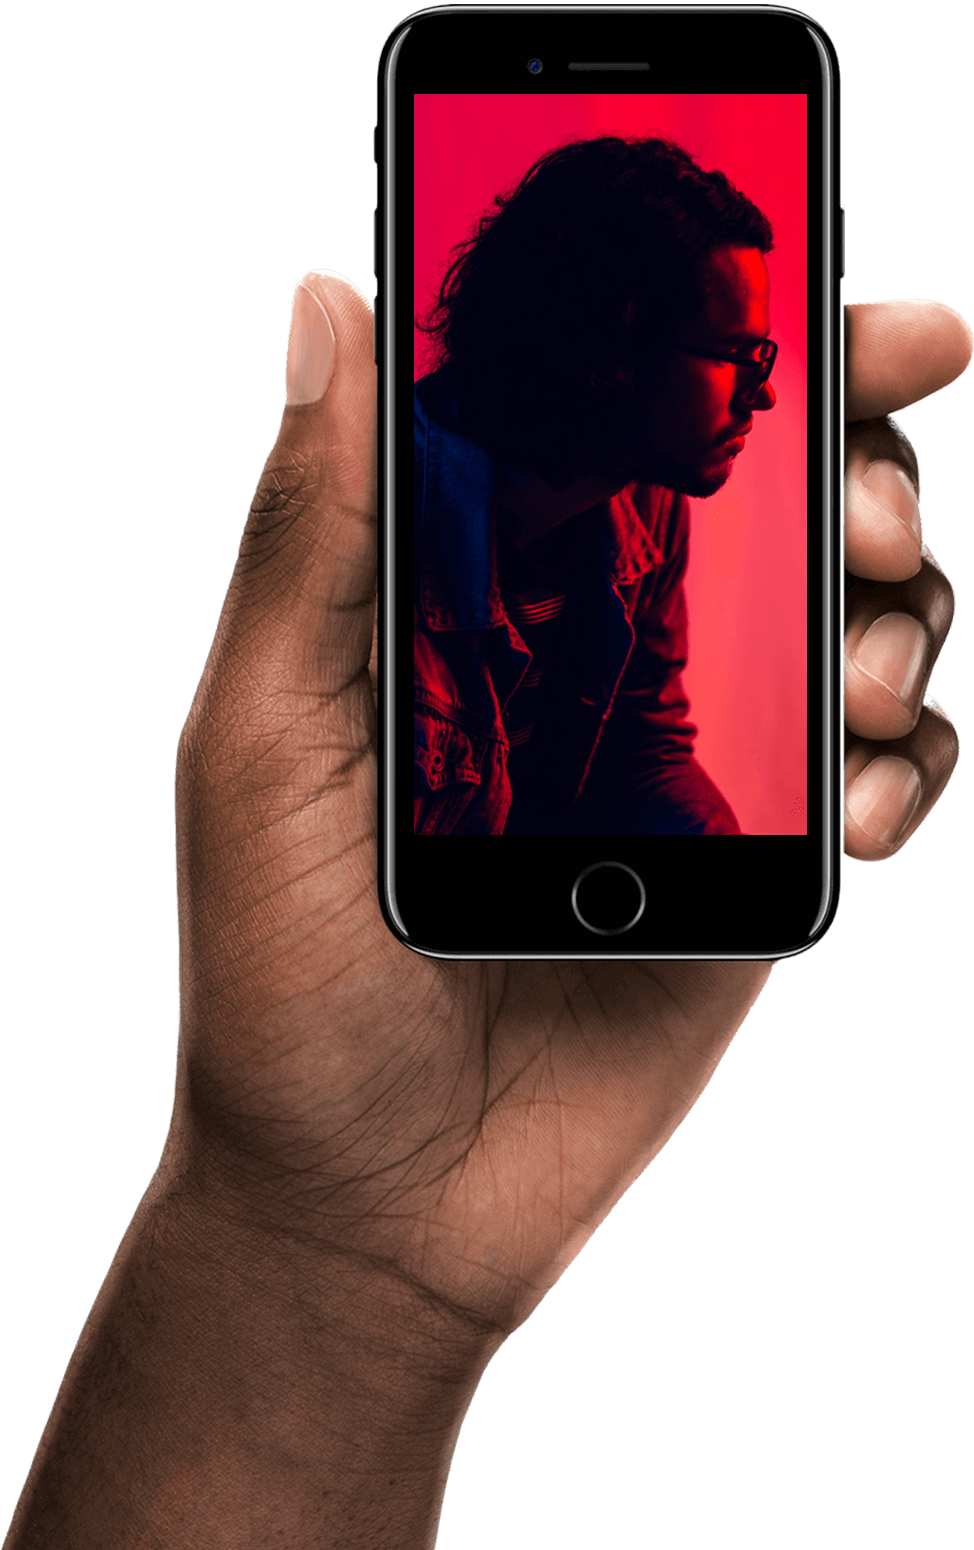 En hånd som holder en telefon med rødt design inni.